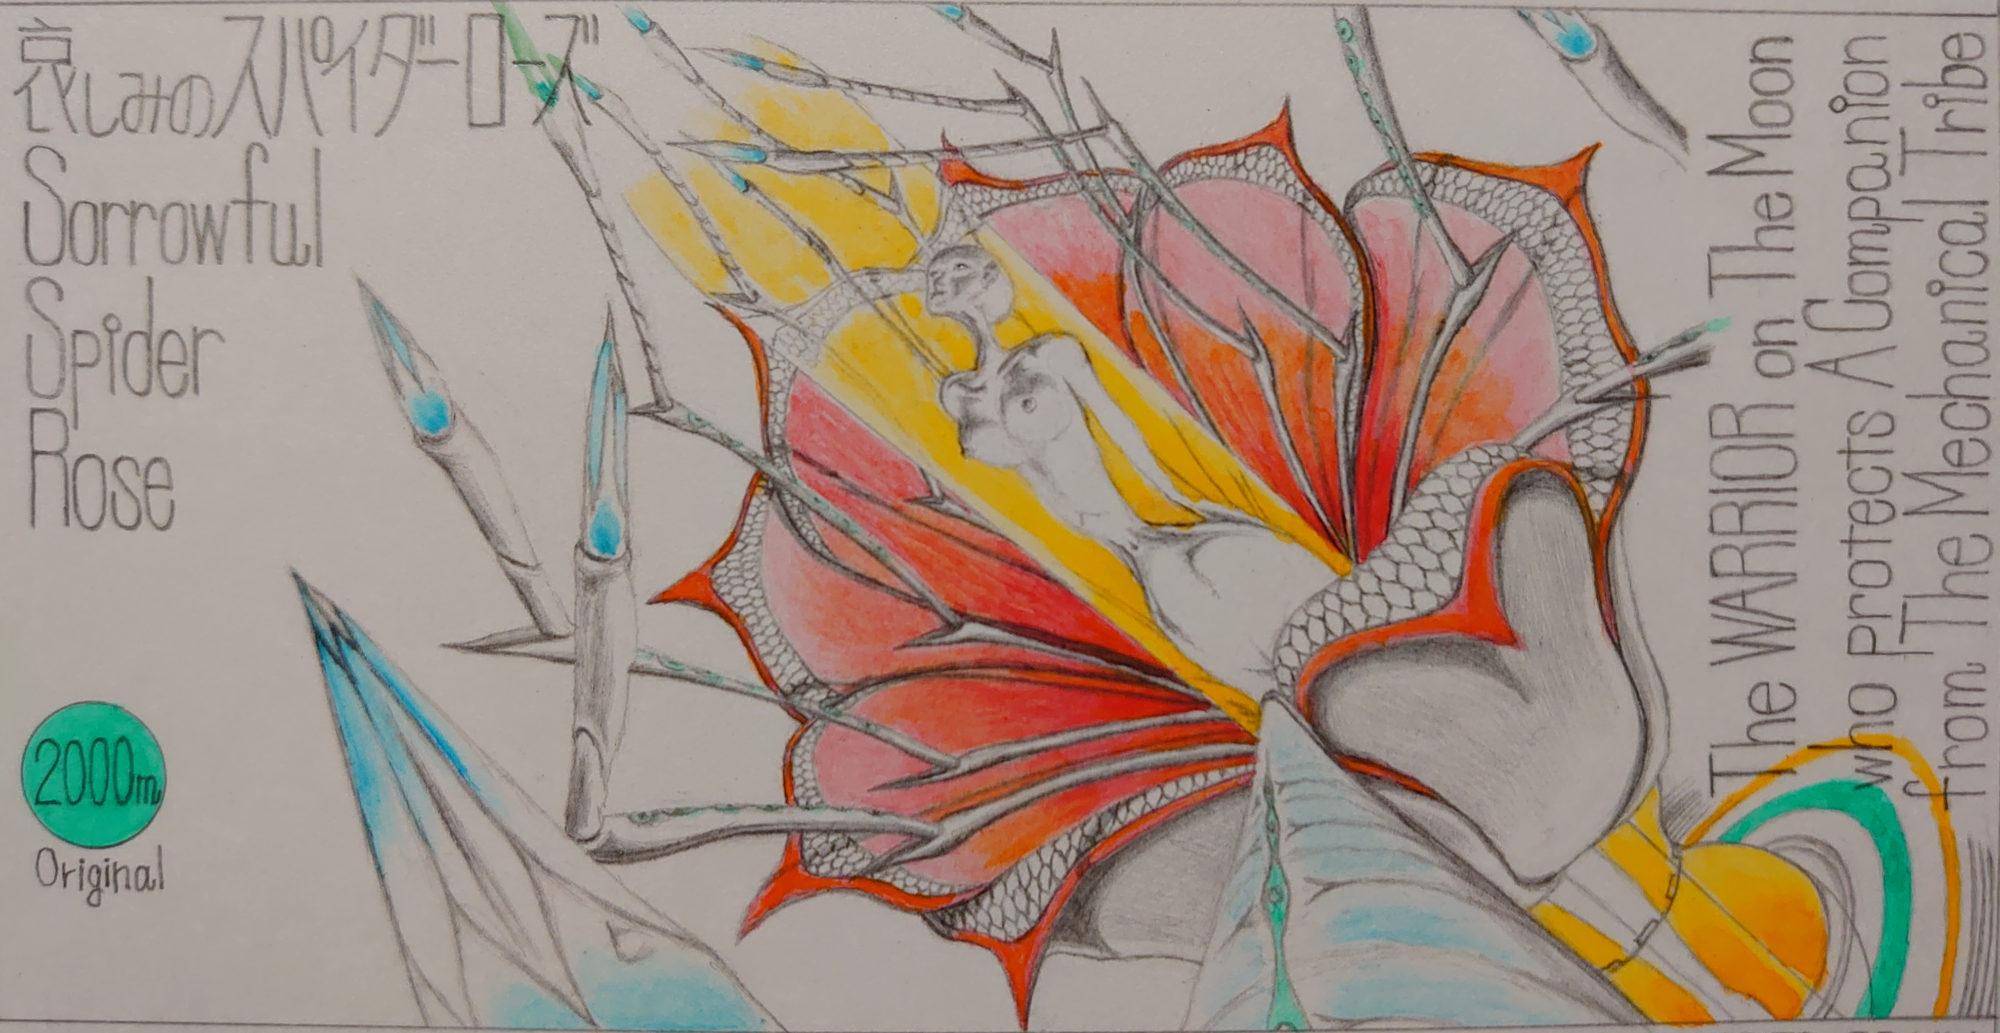 大いなる種族(大天使)カタログ 22 哀しみのスパイダーローズ(Sorrowful Spider Rose)